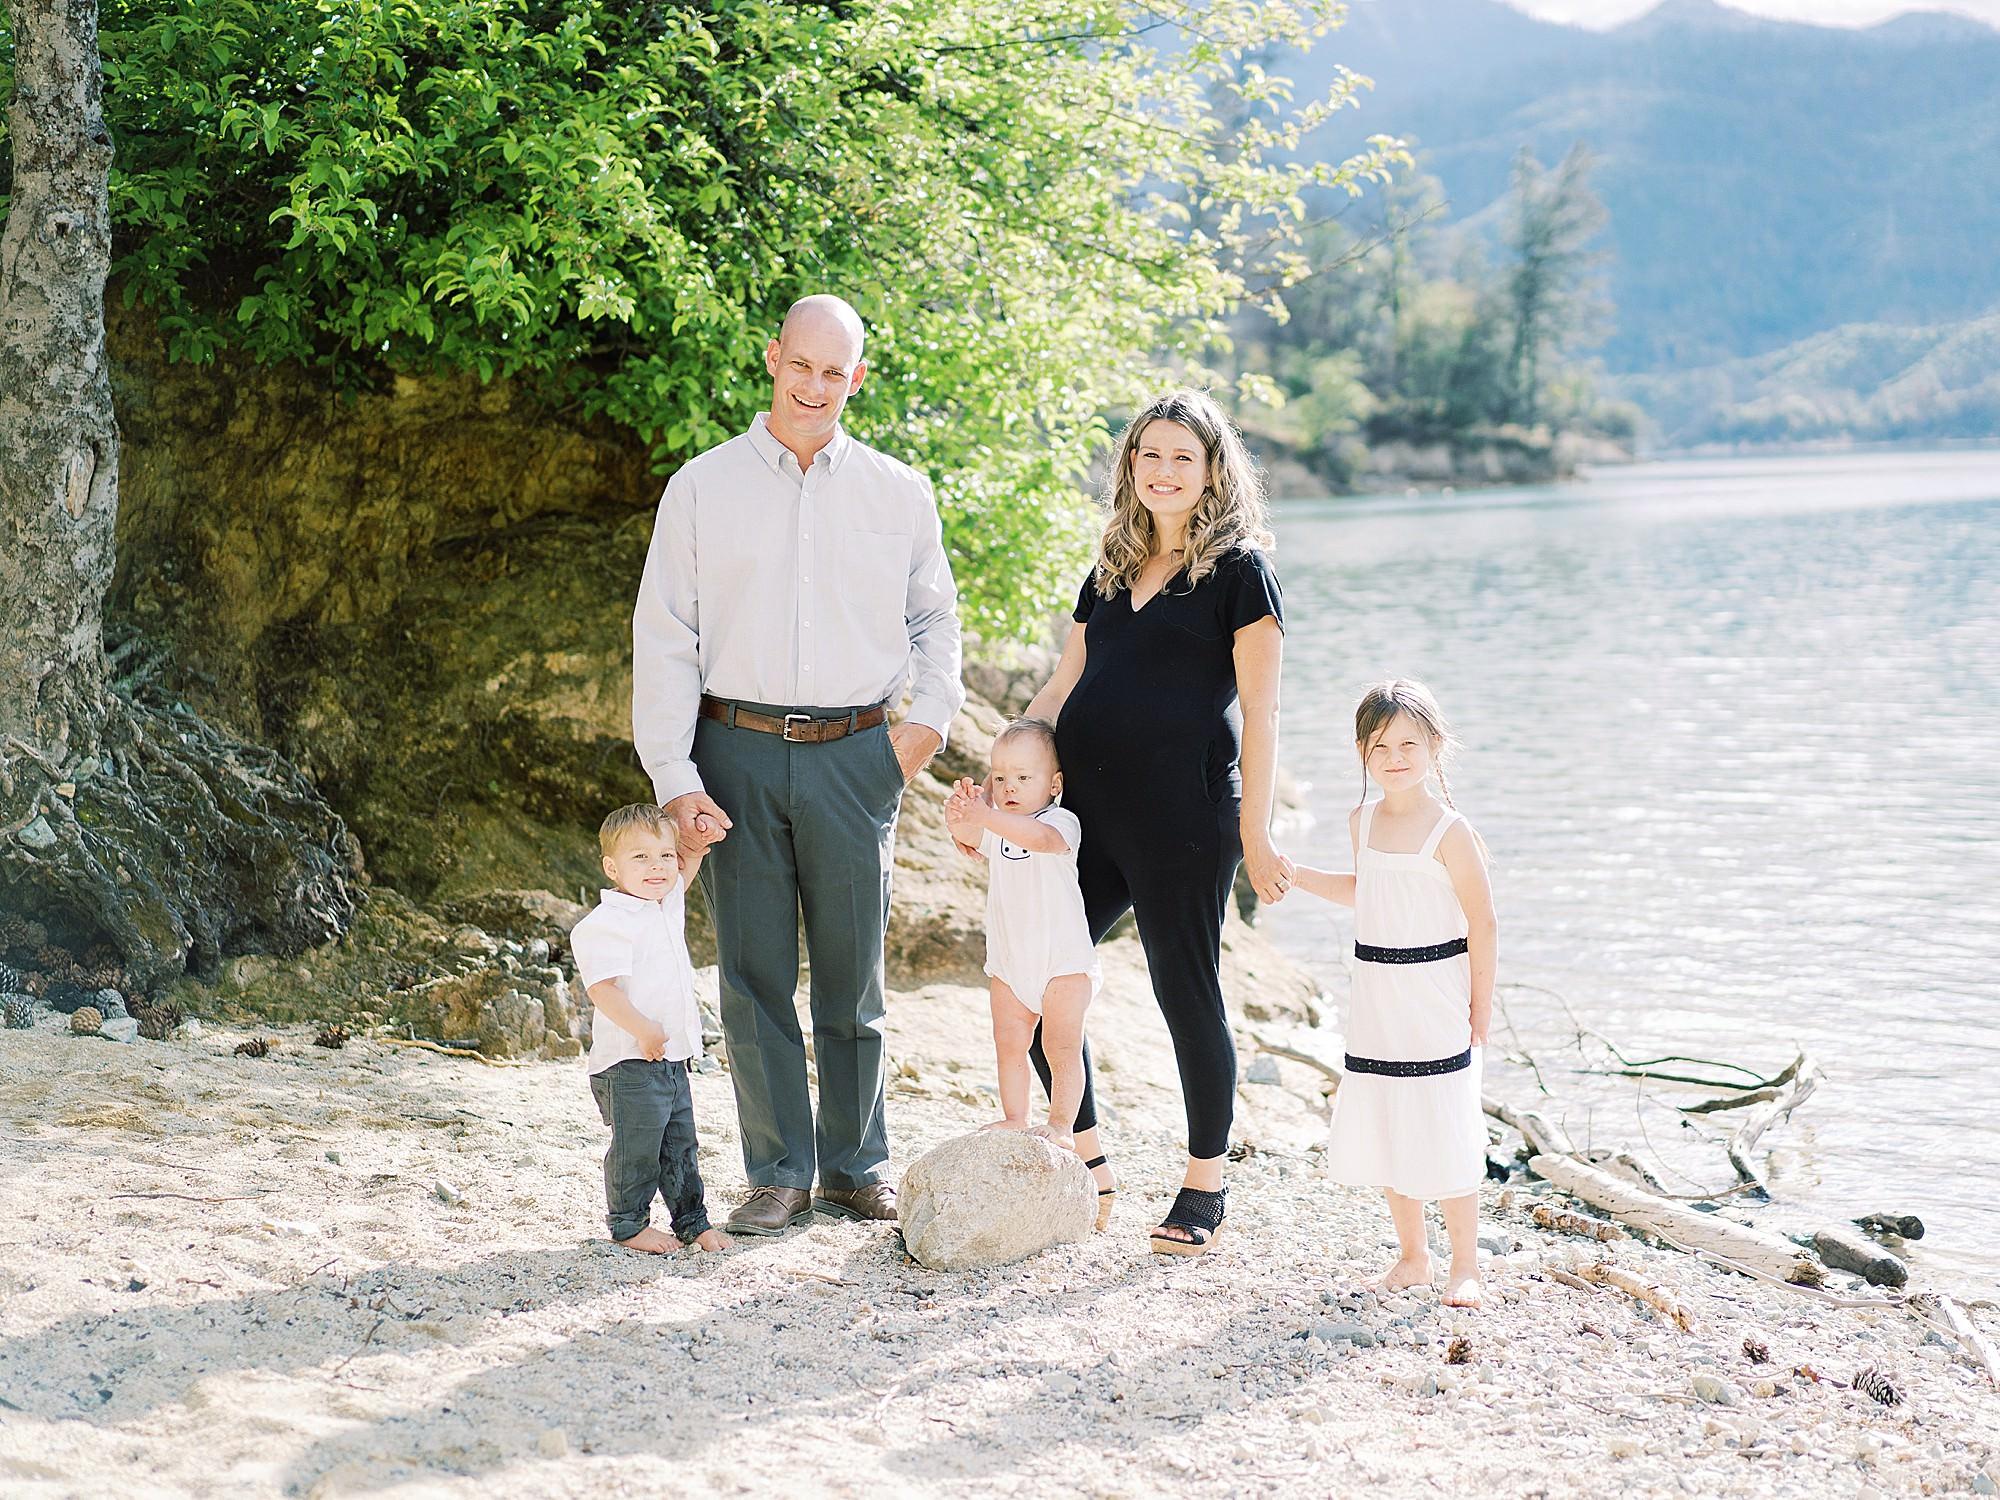 East Beach Family Photographer